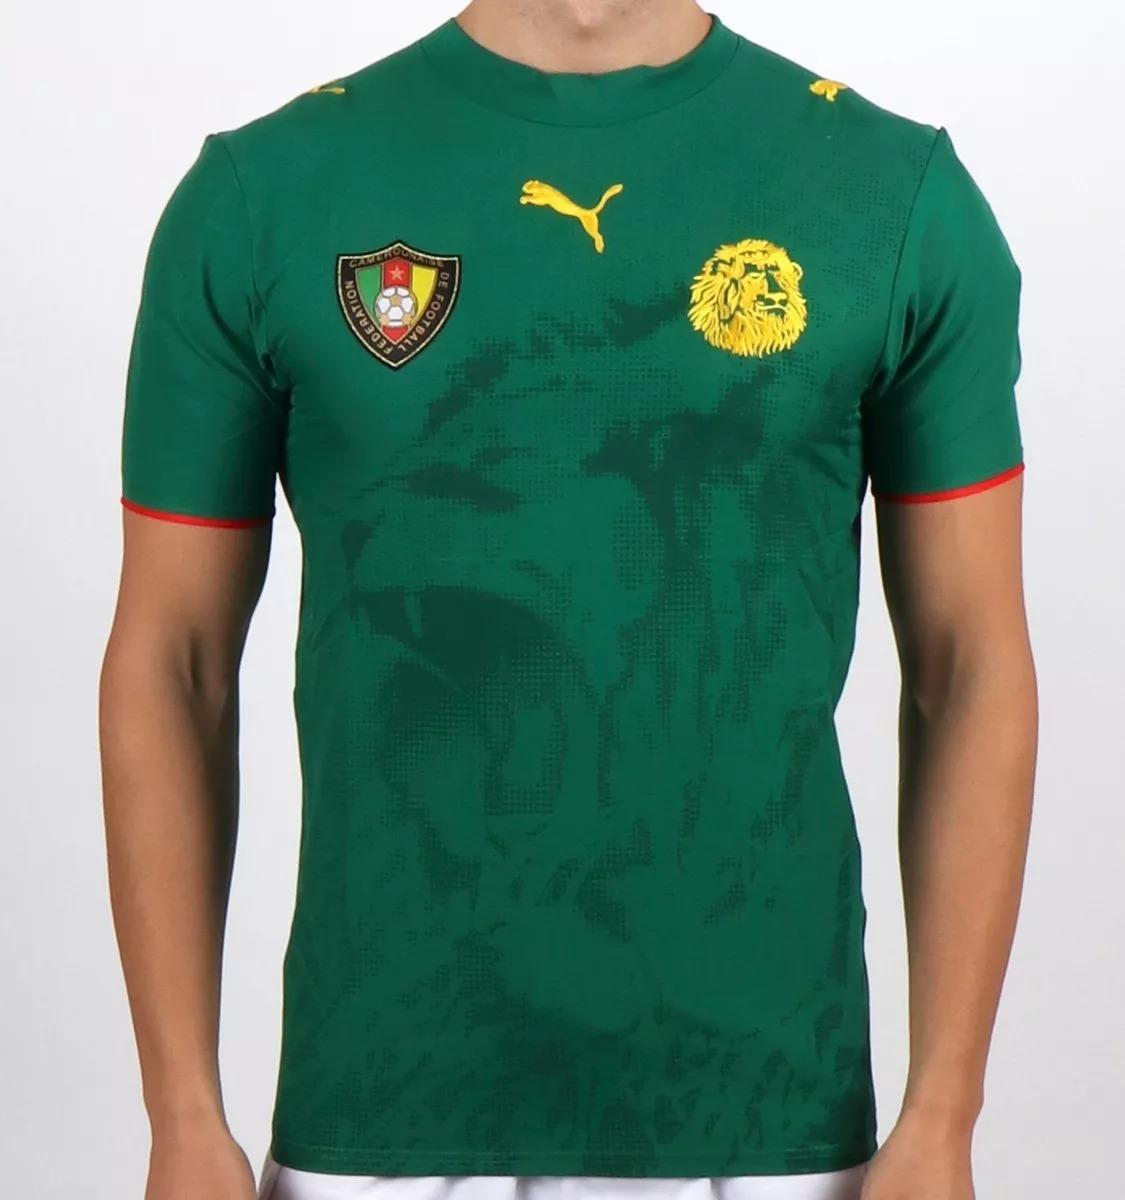 75a33e72c7add camisa futebol puma seleção camarões 07 08 - original. Carregando zoom.